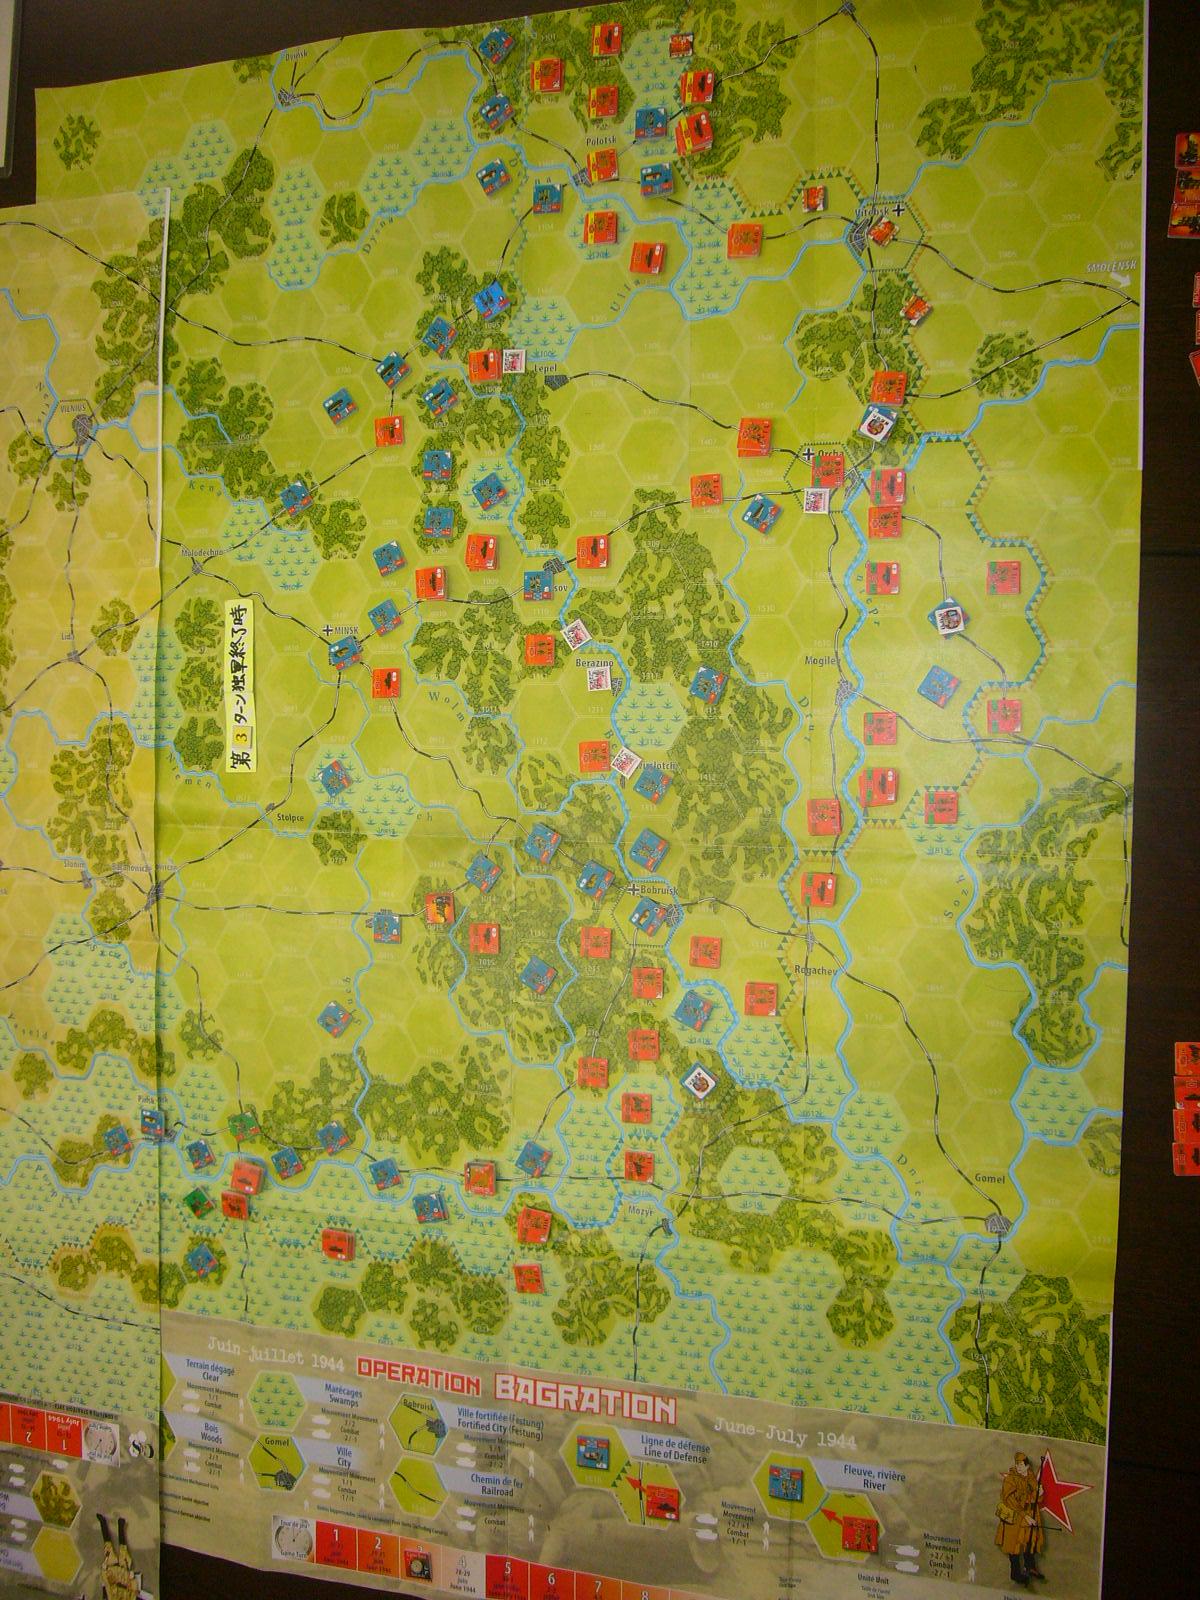 YSGA 9月例会の様子その3(仏C&H社製の東部戦線1944 『バグラチオン作戦』+『ワルシャワ蜂起』)その❶_b0173672_00043831.jpg